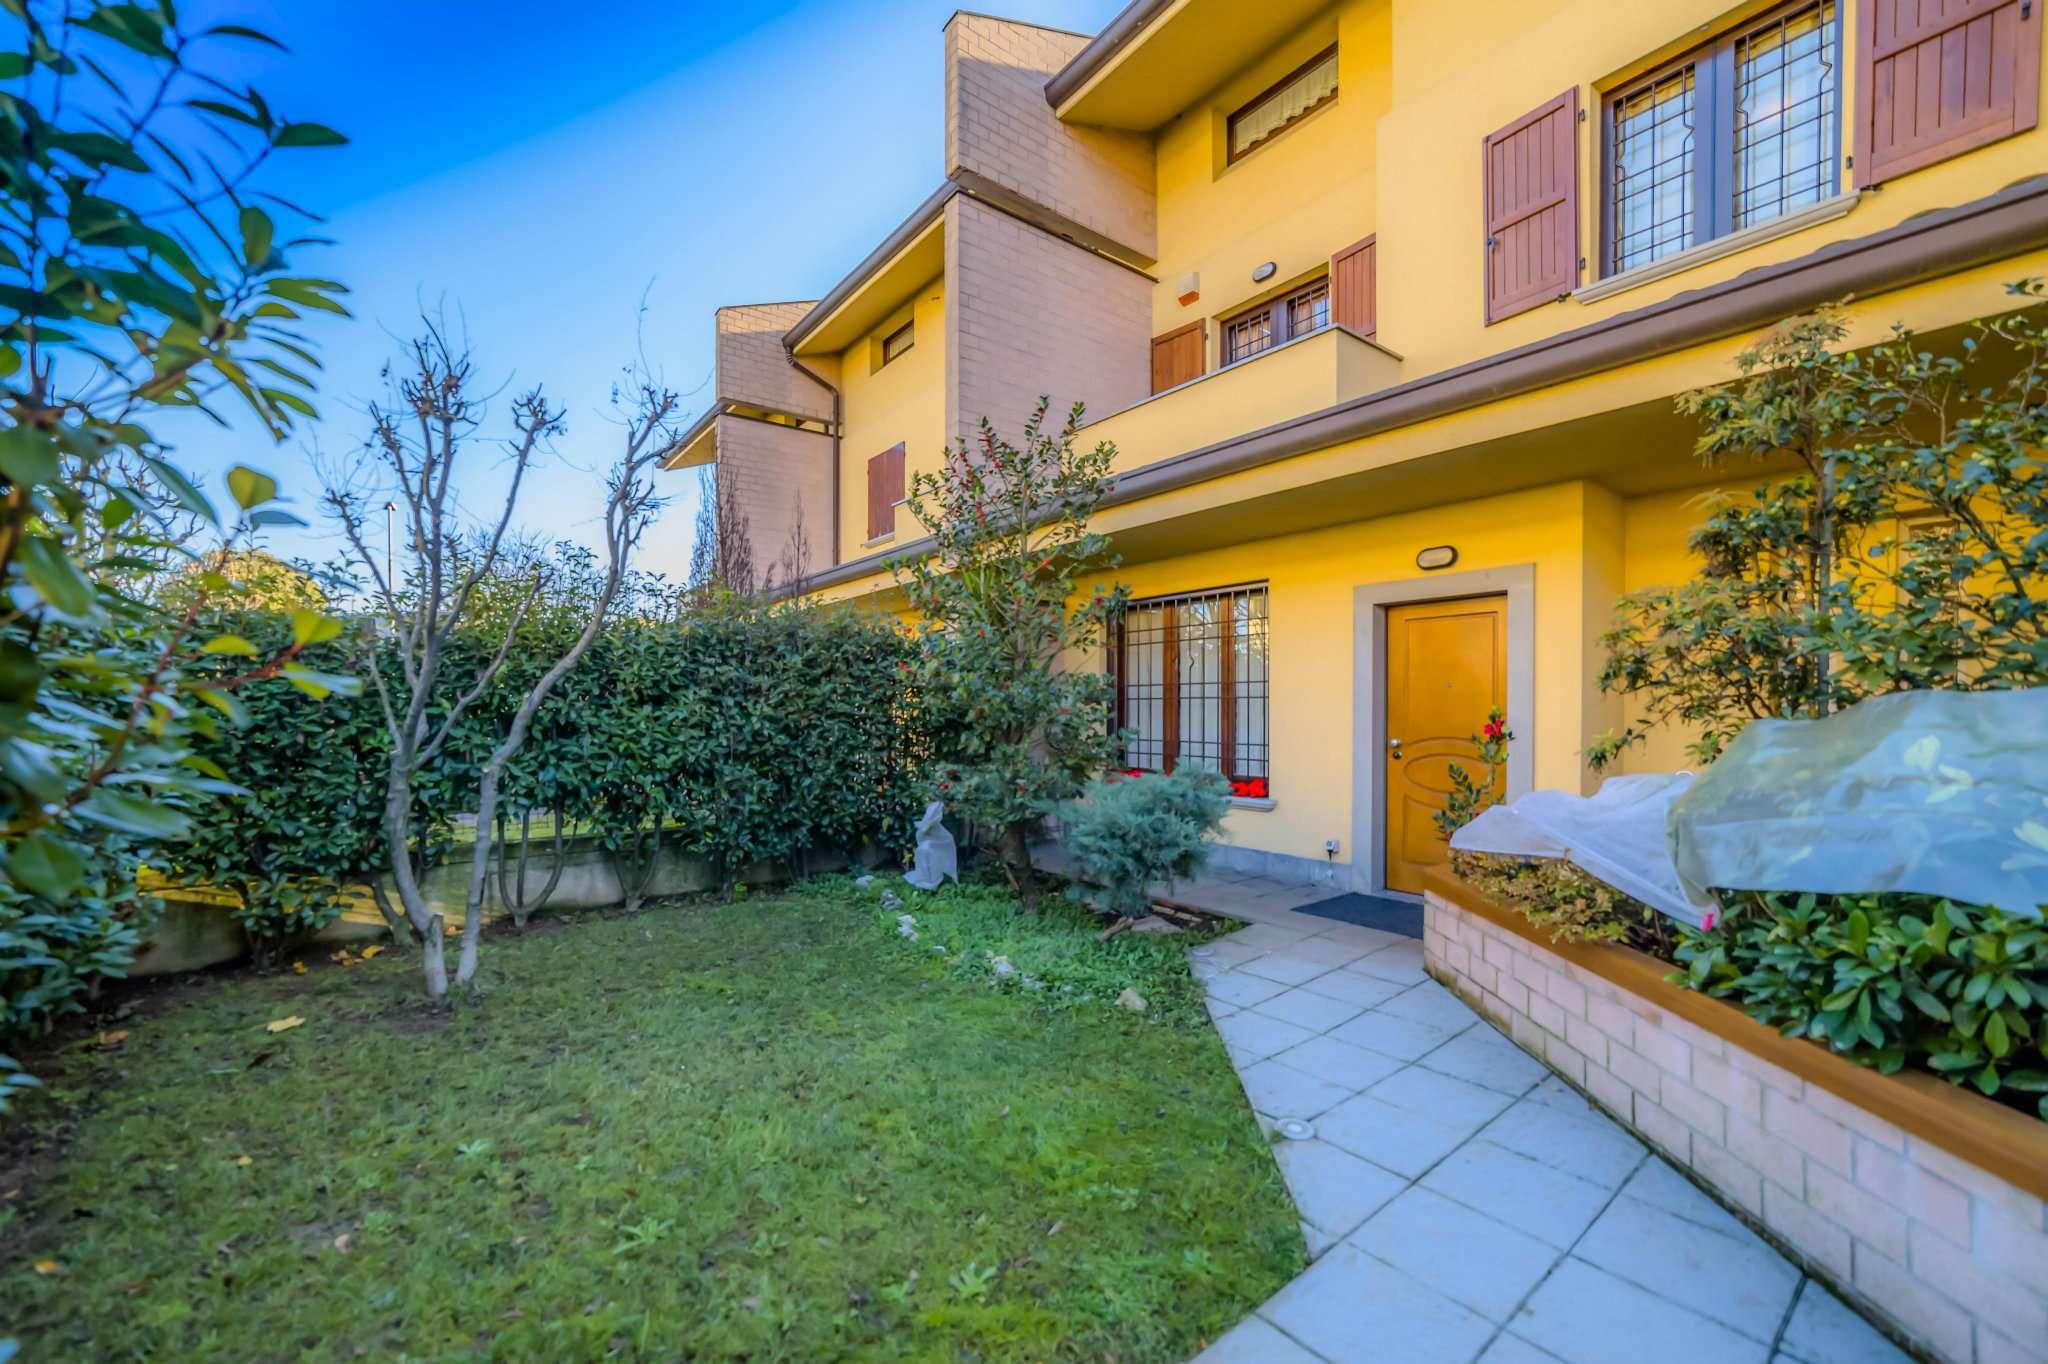 Villa in vendita a Orio al Serio, 6 locali, prezzo € 390.000 | CambioCasa.it